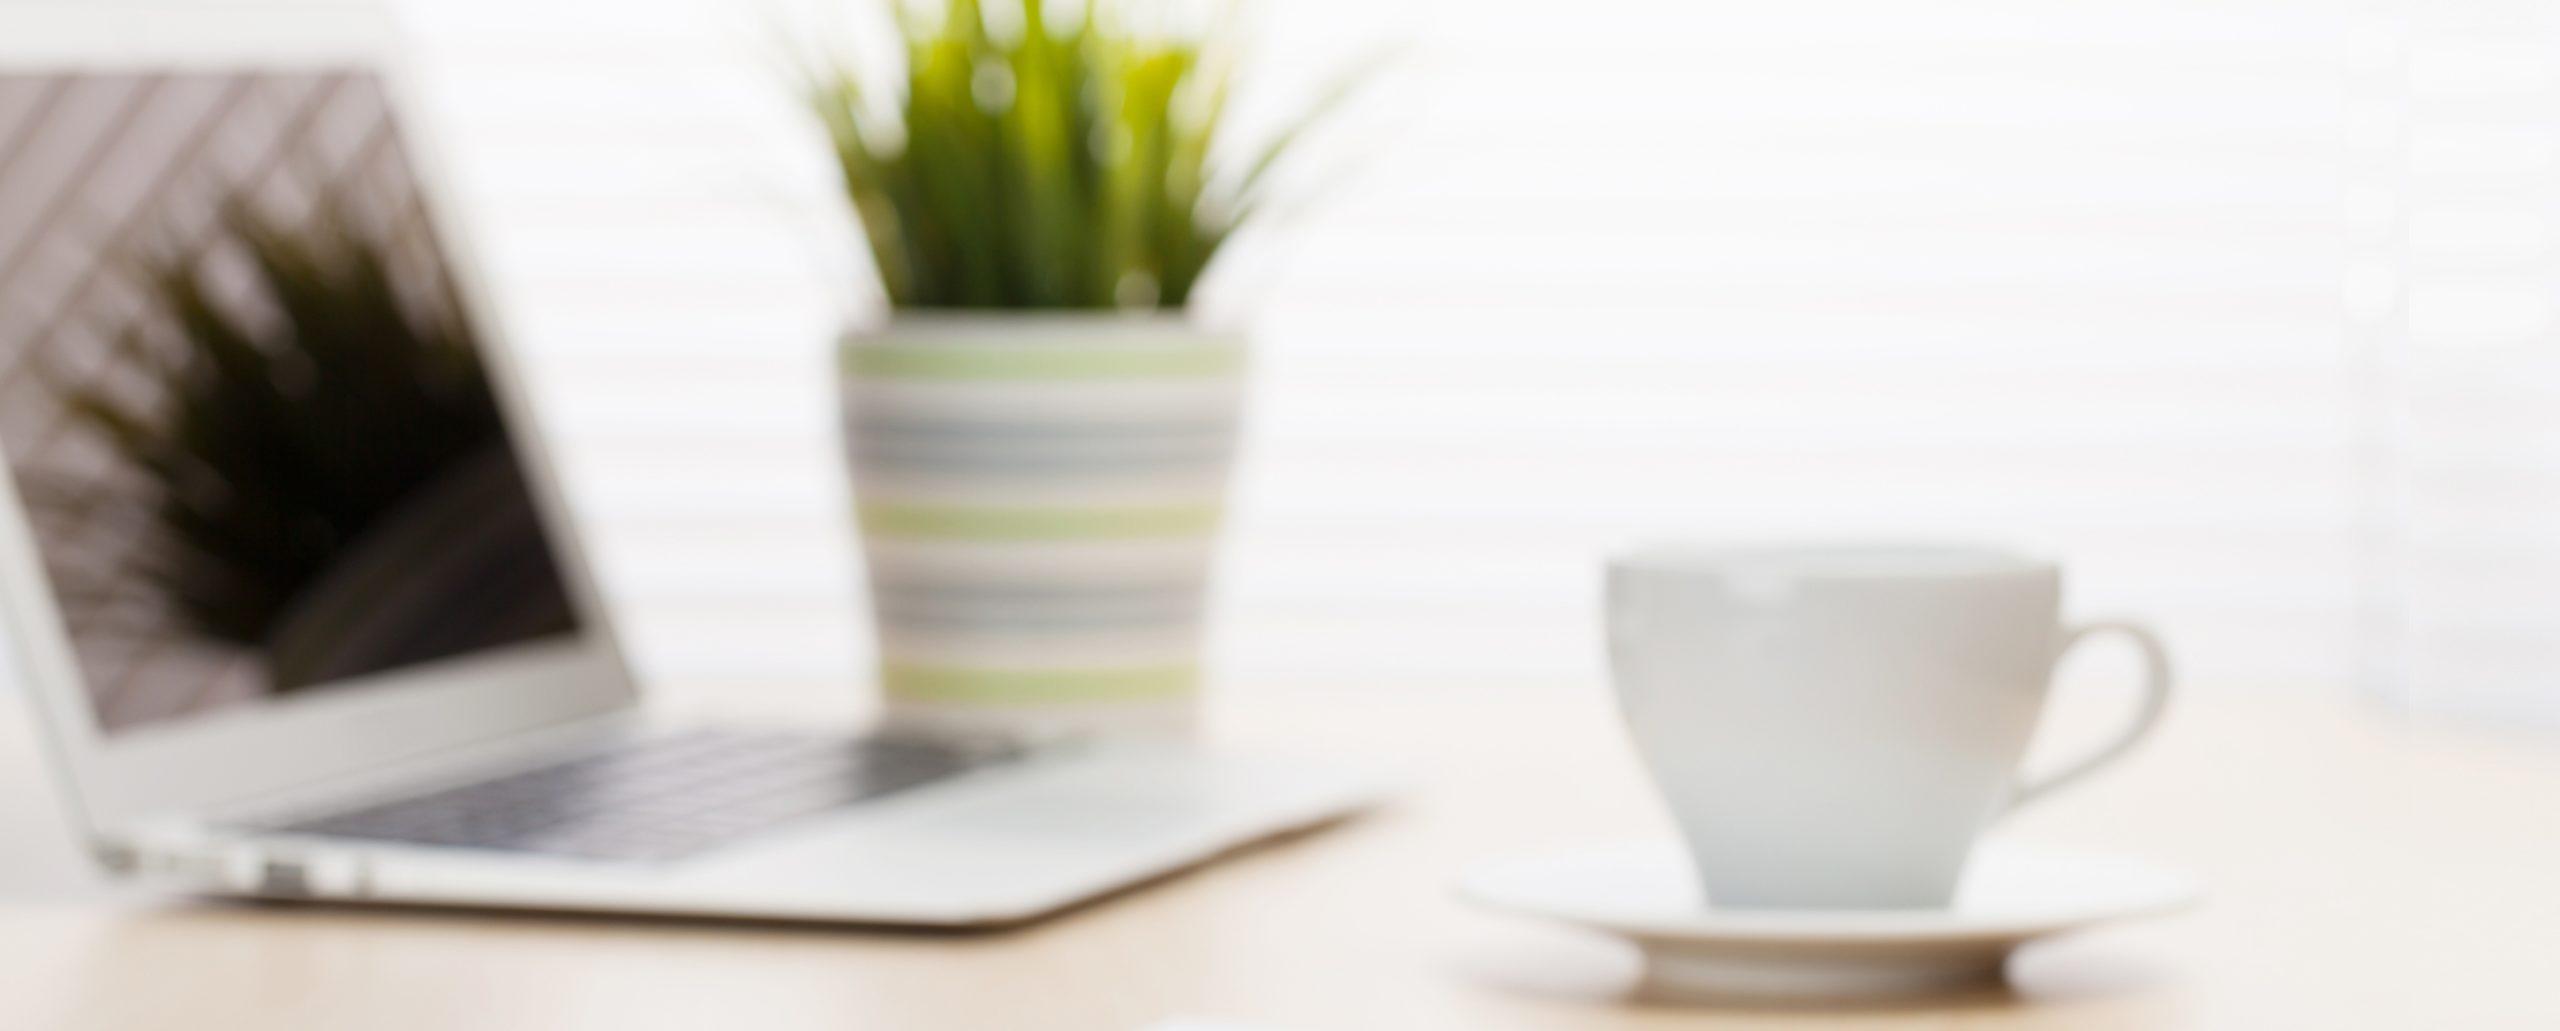 Arbeitsplatz mit Kaffeebecher, Laptop und Pflanze auf einem Tisch